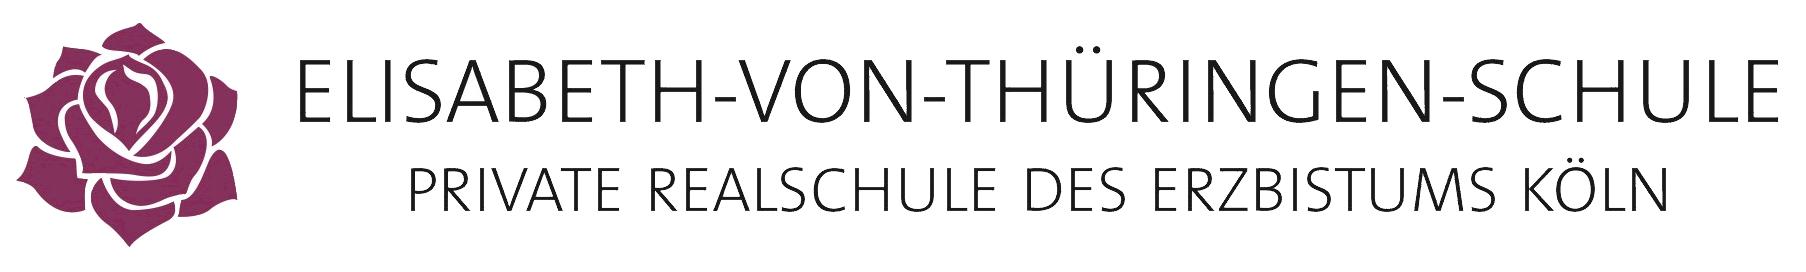 Elisabeth-von-Thringen-Schule Brühl